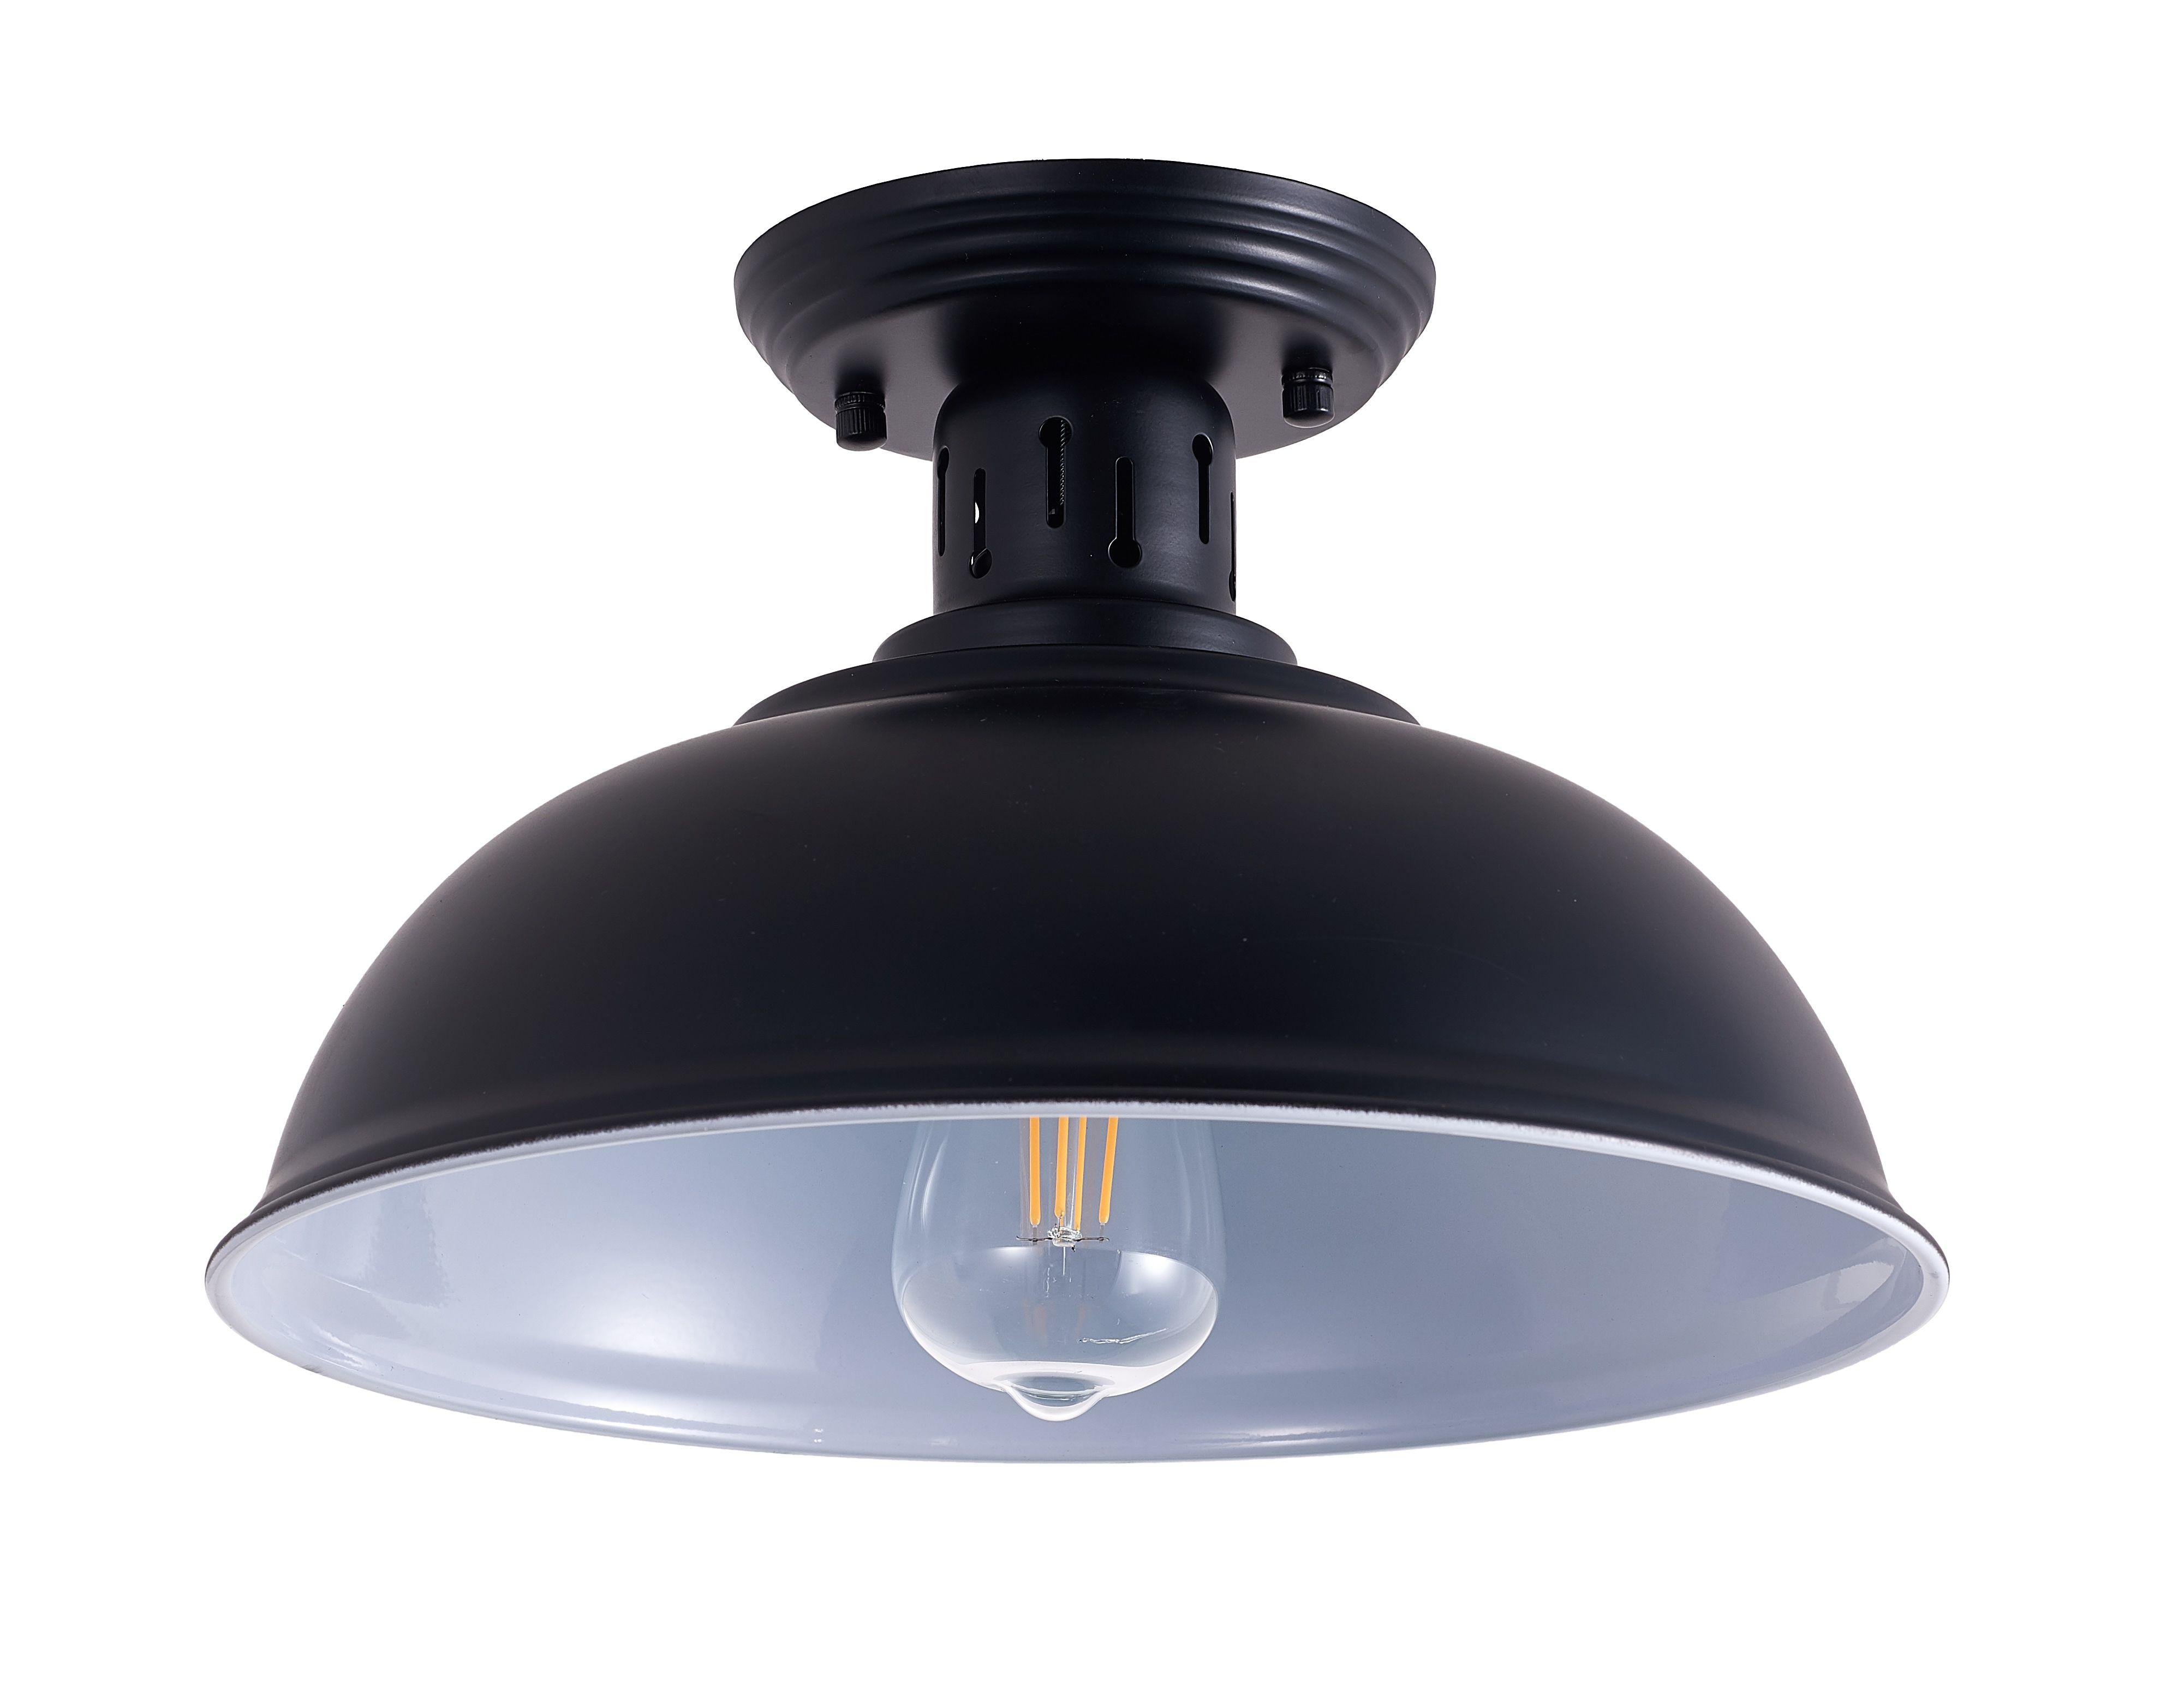 Luz de teto vintage preto E26 industrial Lot LED Lâmpada Pingente para Interior Café Restaurante Bar Corredor Decoração Iluminação de Equipes Disponível-L